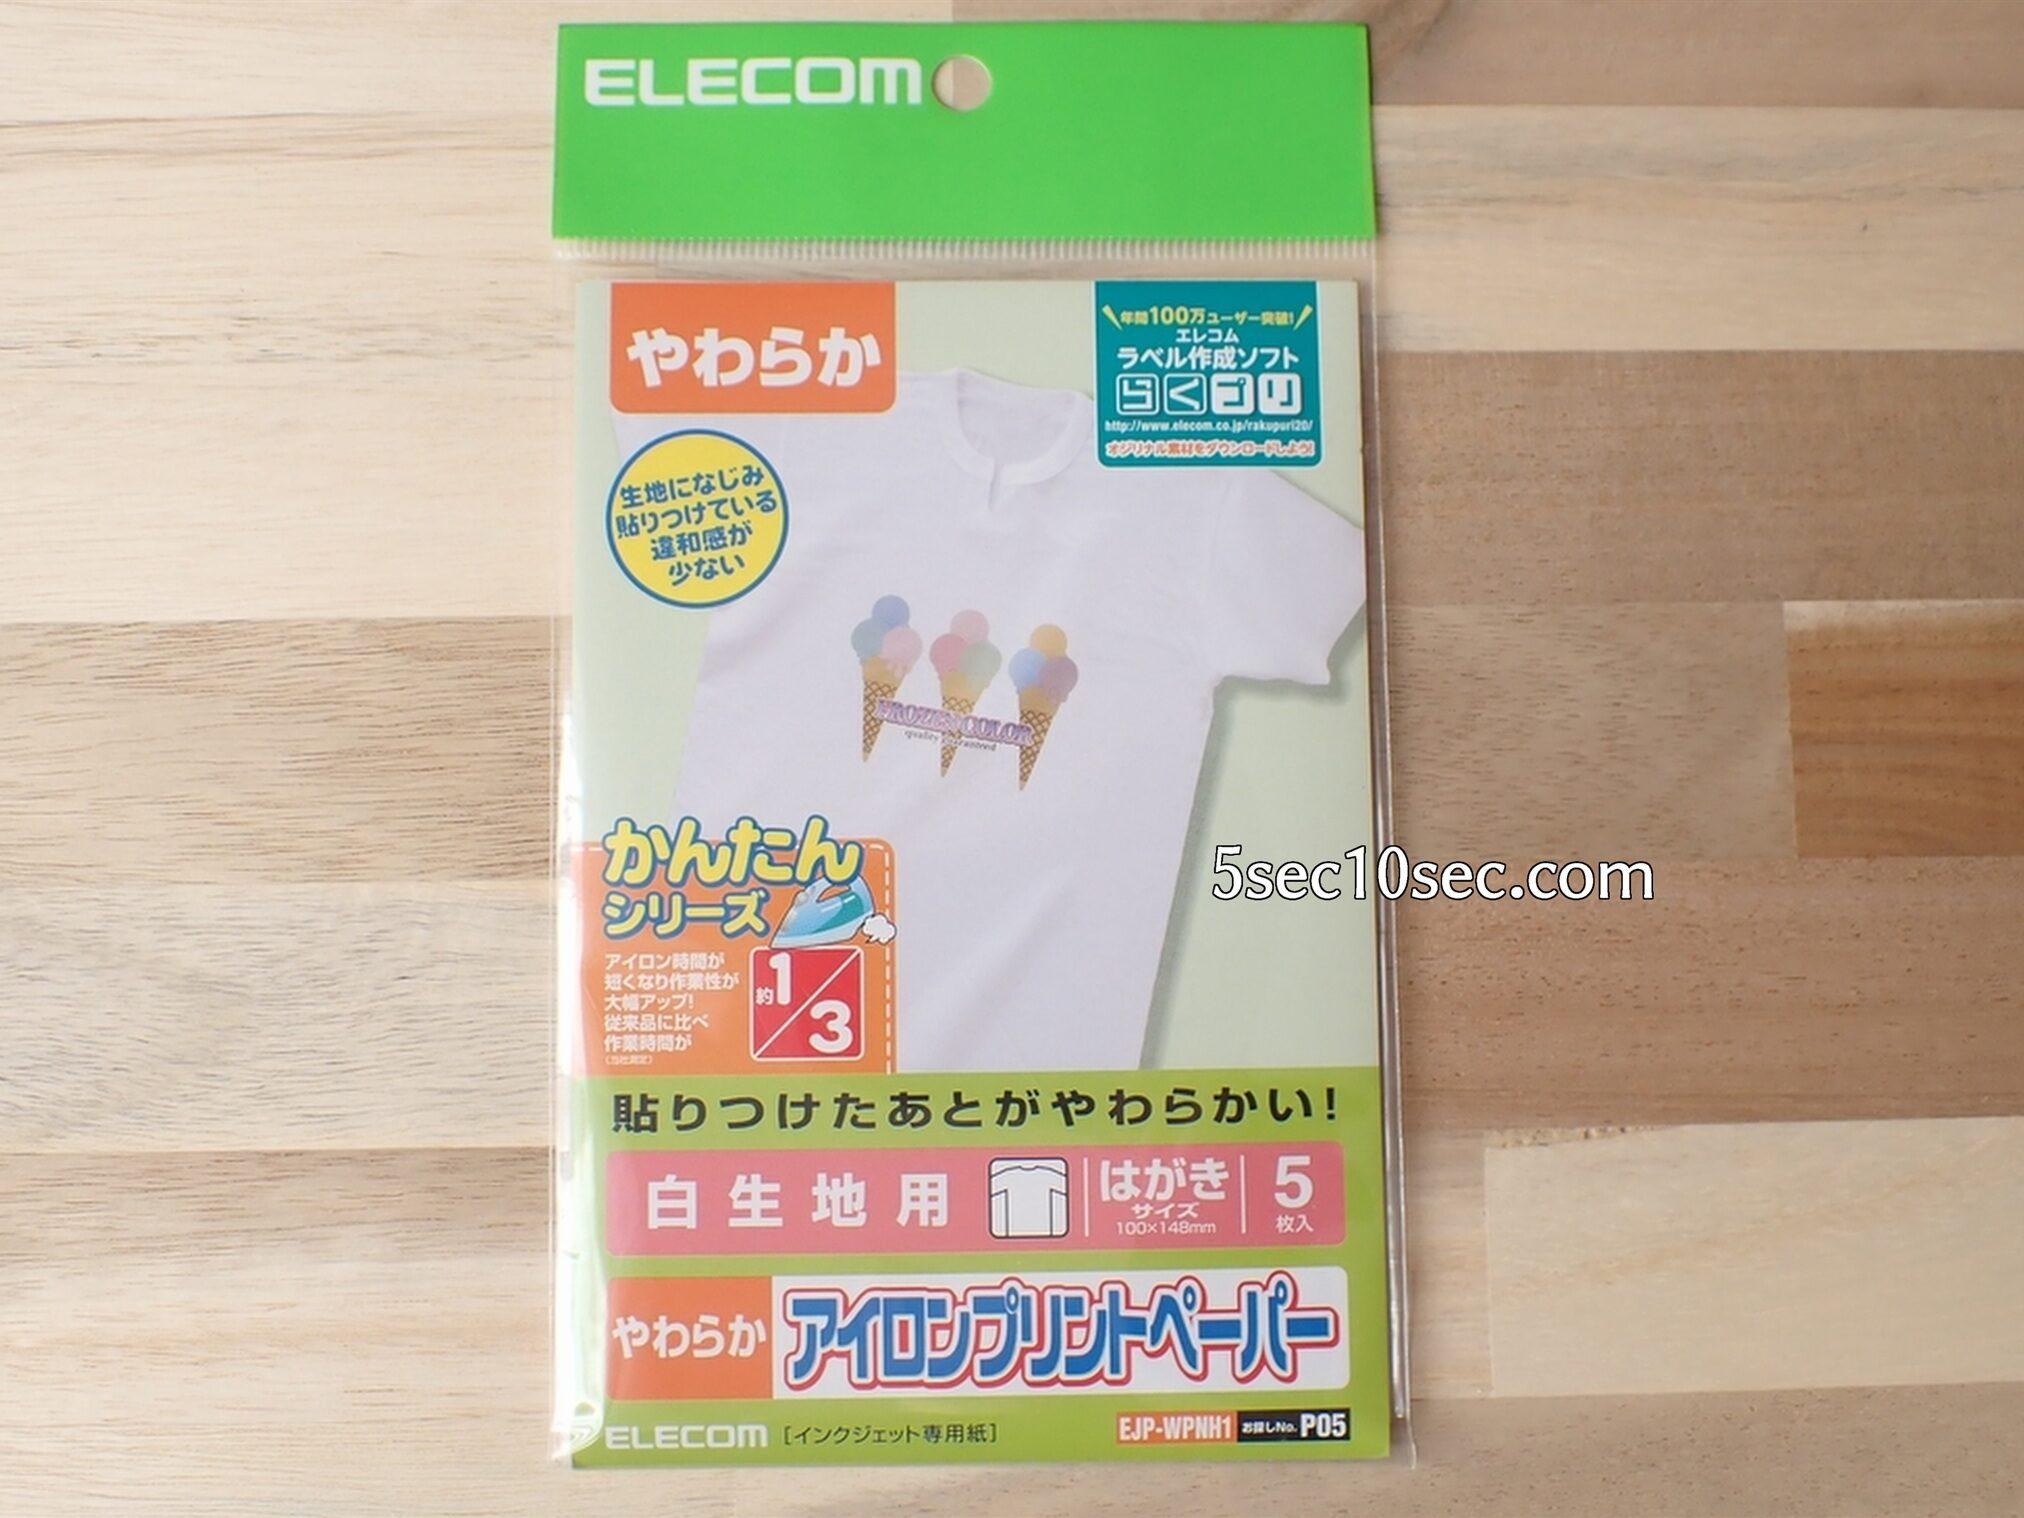 エレコム ELECOM アイロンプリントペーパー 白・淡色用 ハガキサイズ 5枚入り EJP-WPNH1